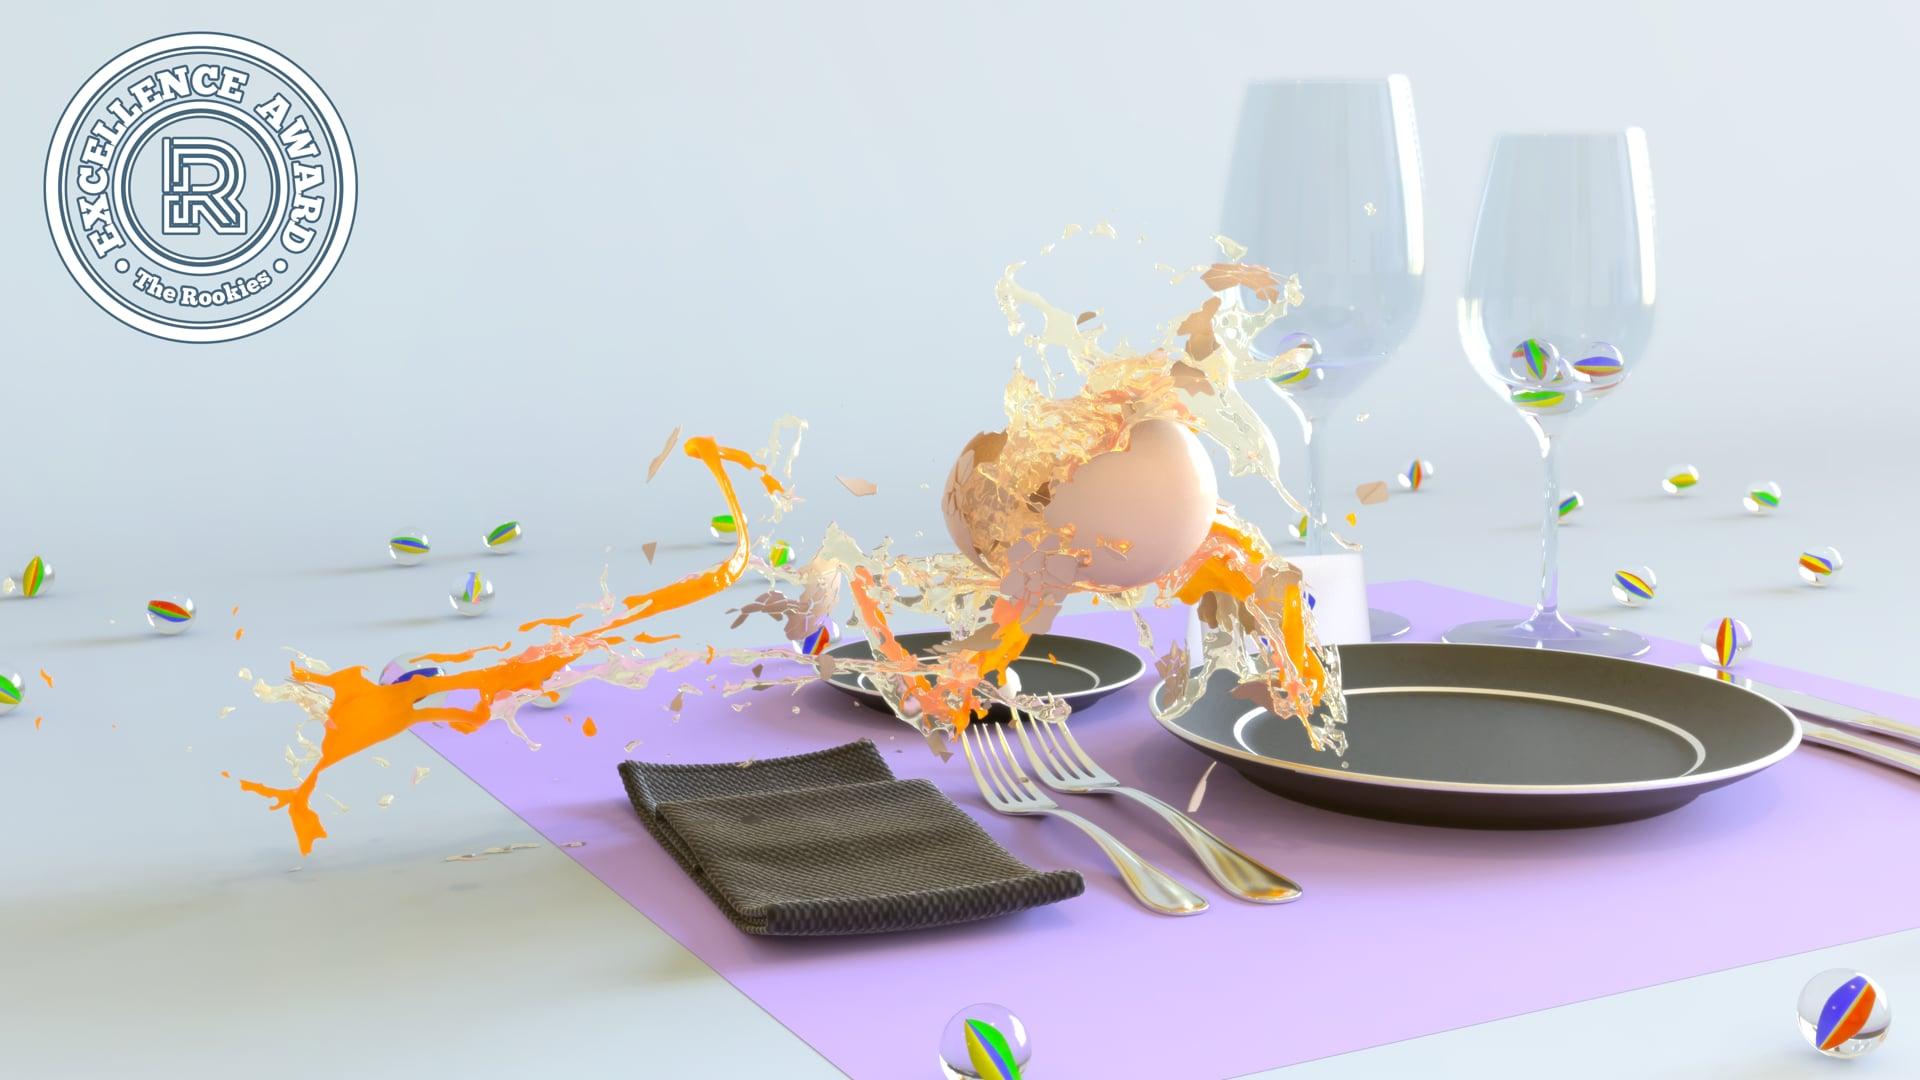 Eggsplosion (Houdini flip + destruction)